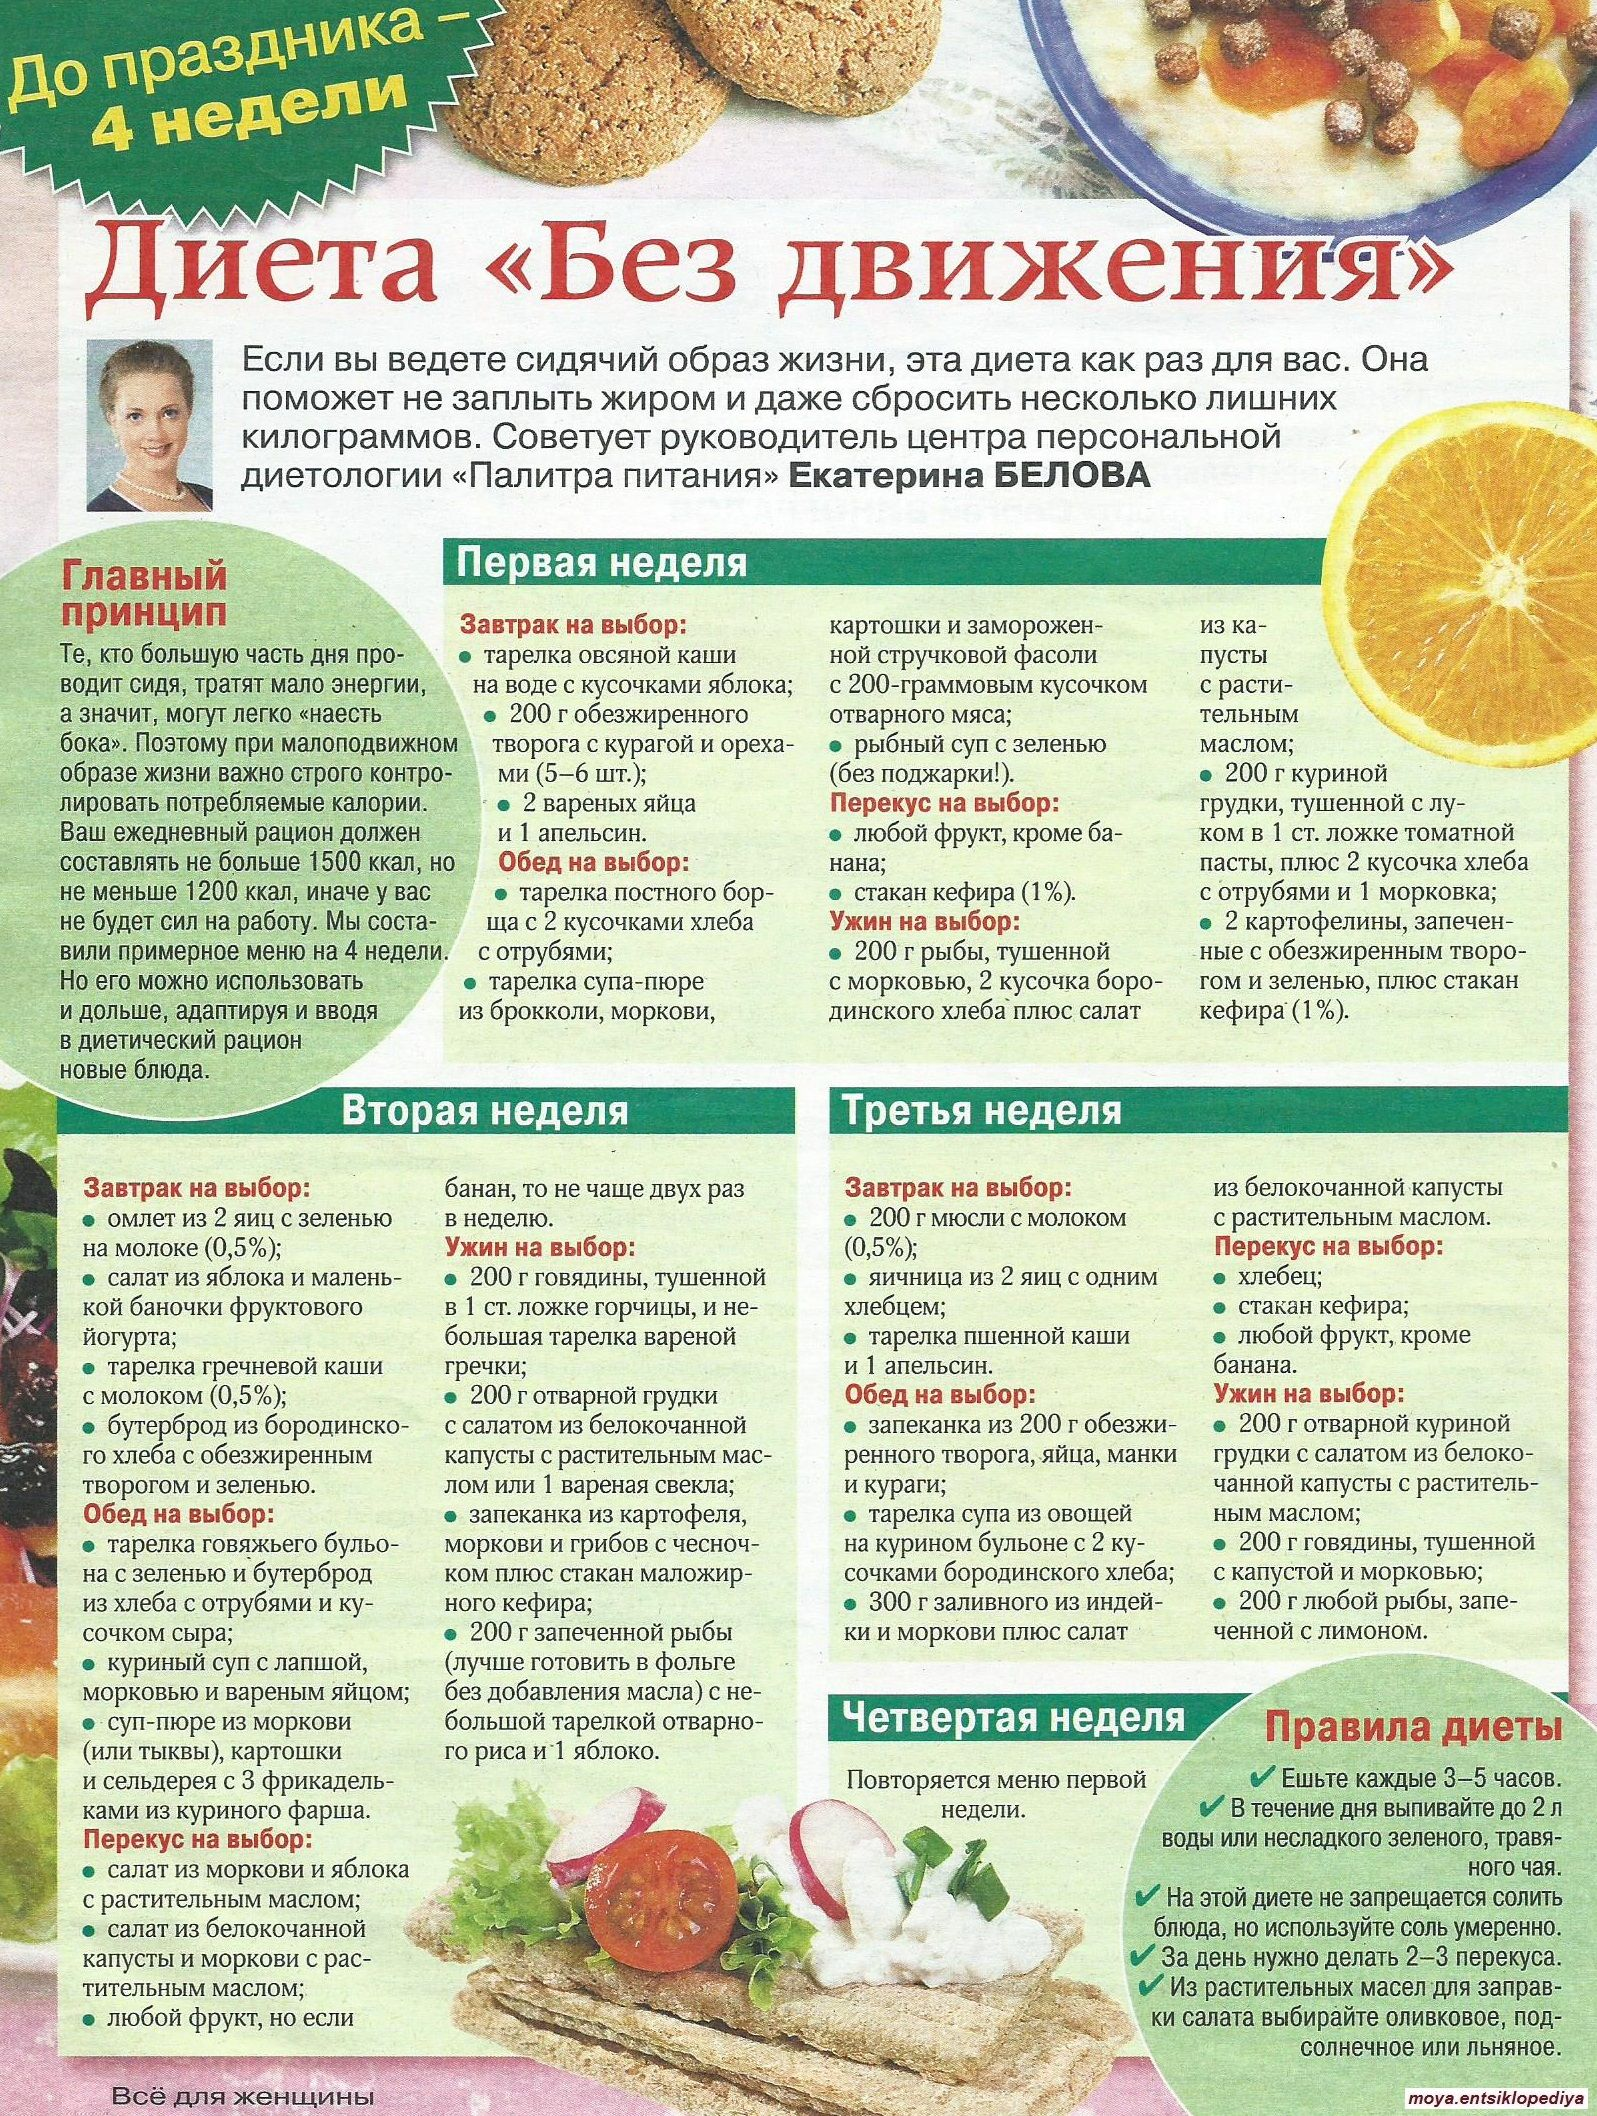 Эффективные Диеты Питание. Самая эффективная диета для похудения в домашних условиях